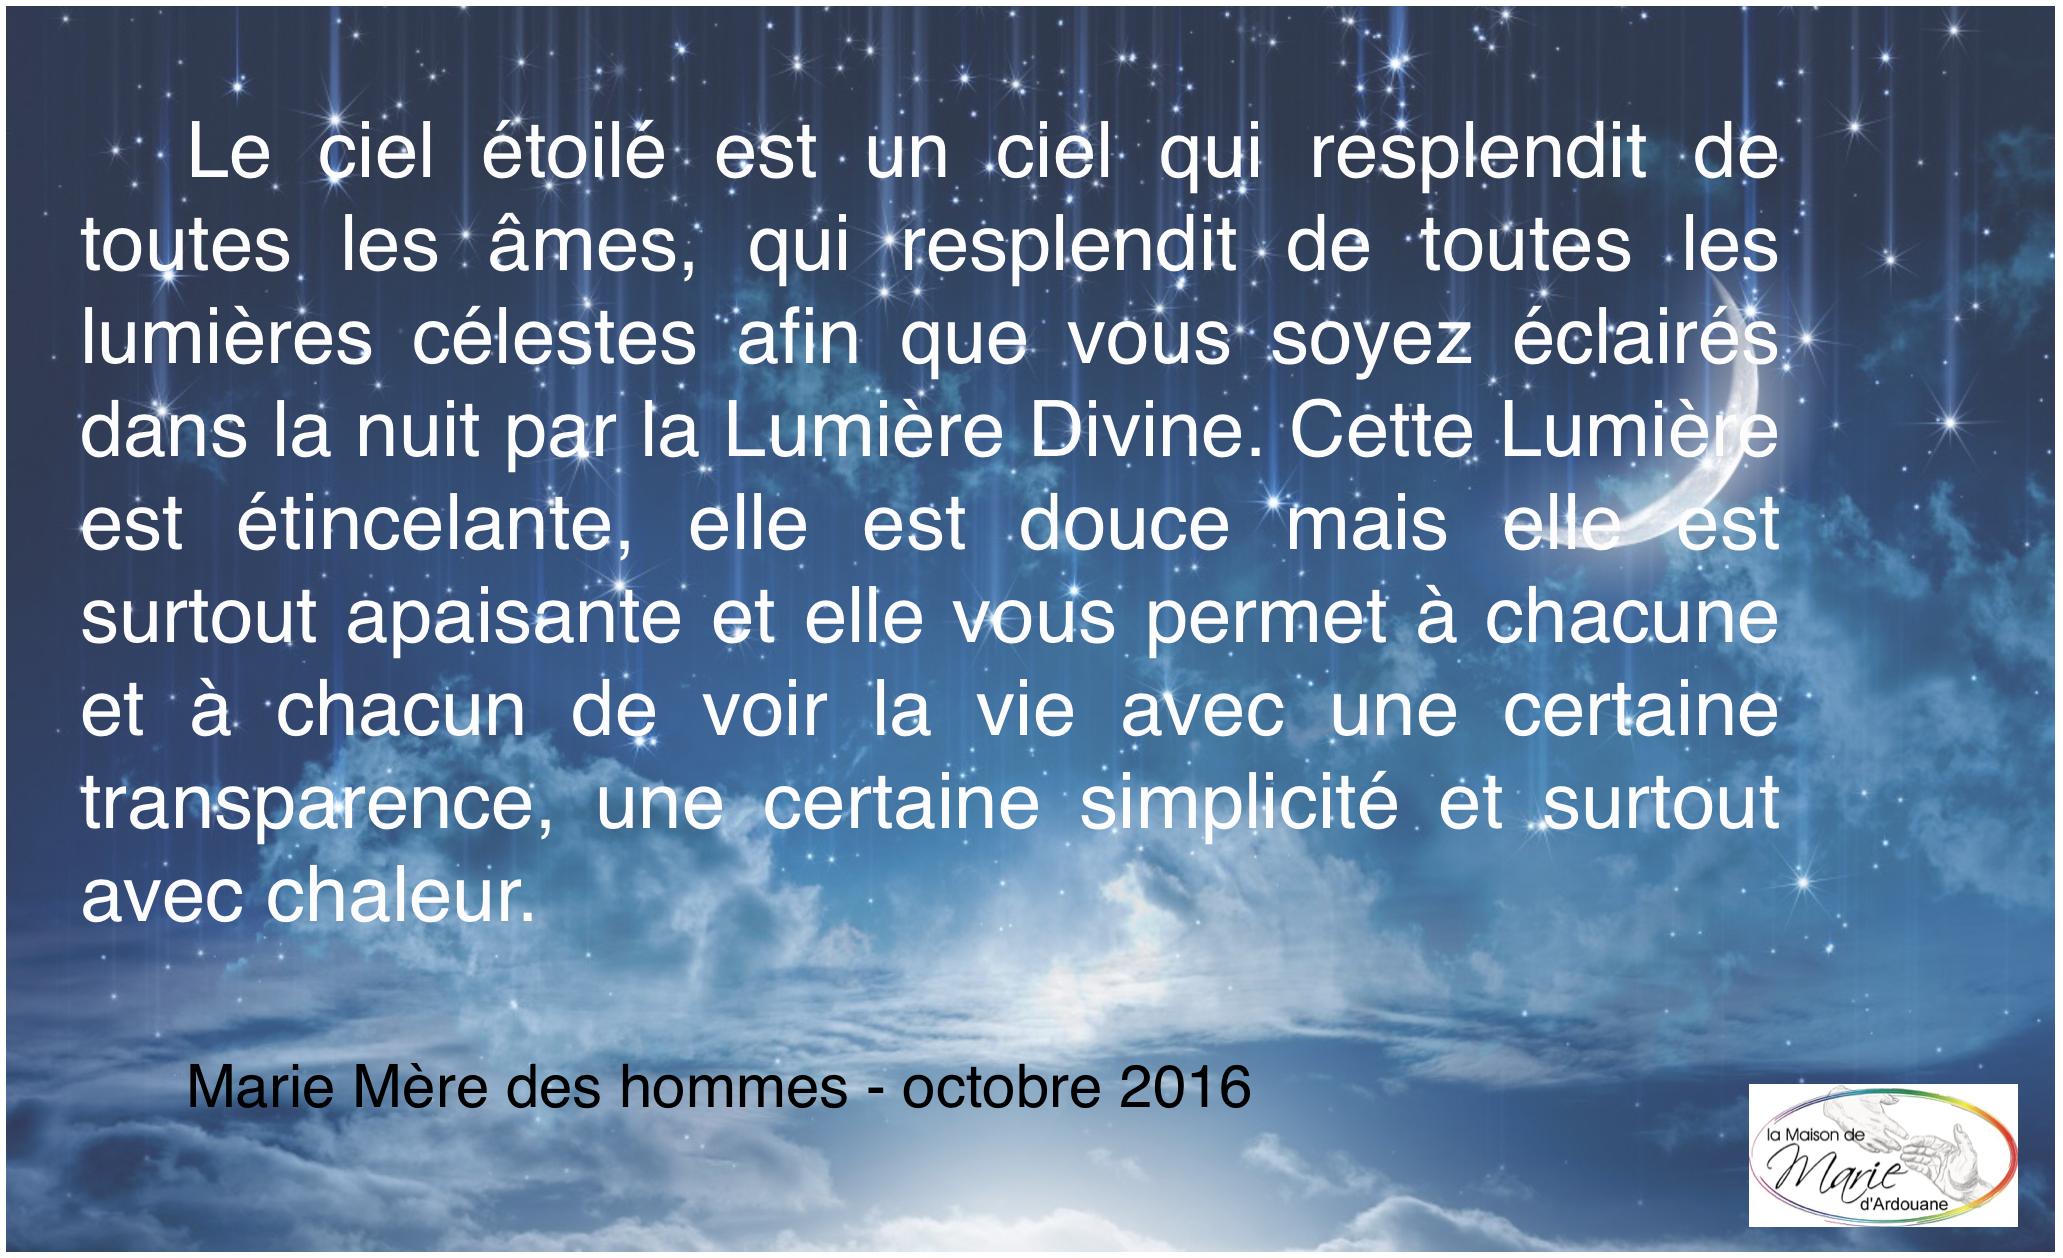 BONNE SOIRÉE & BELLE NUIT A TOUT LE MONDE CitationMMDH102016